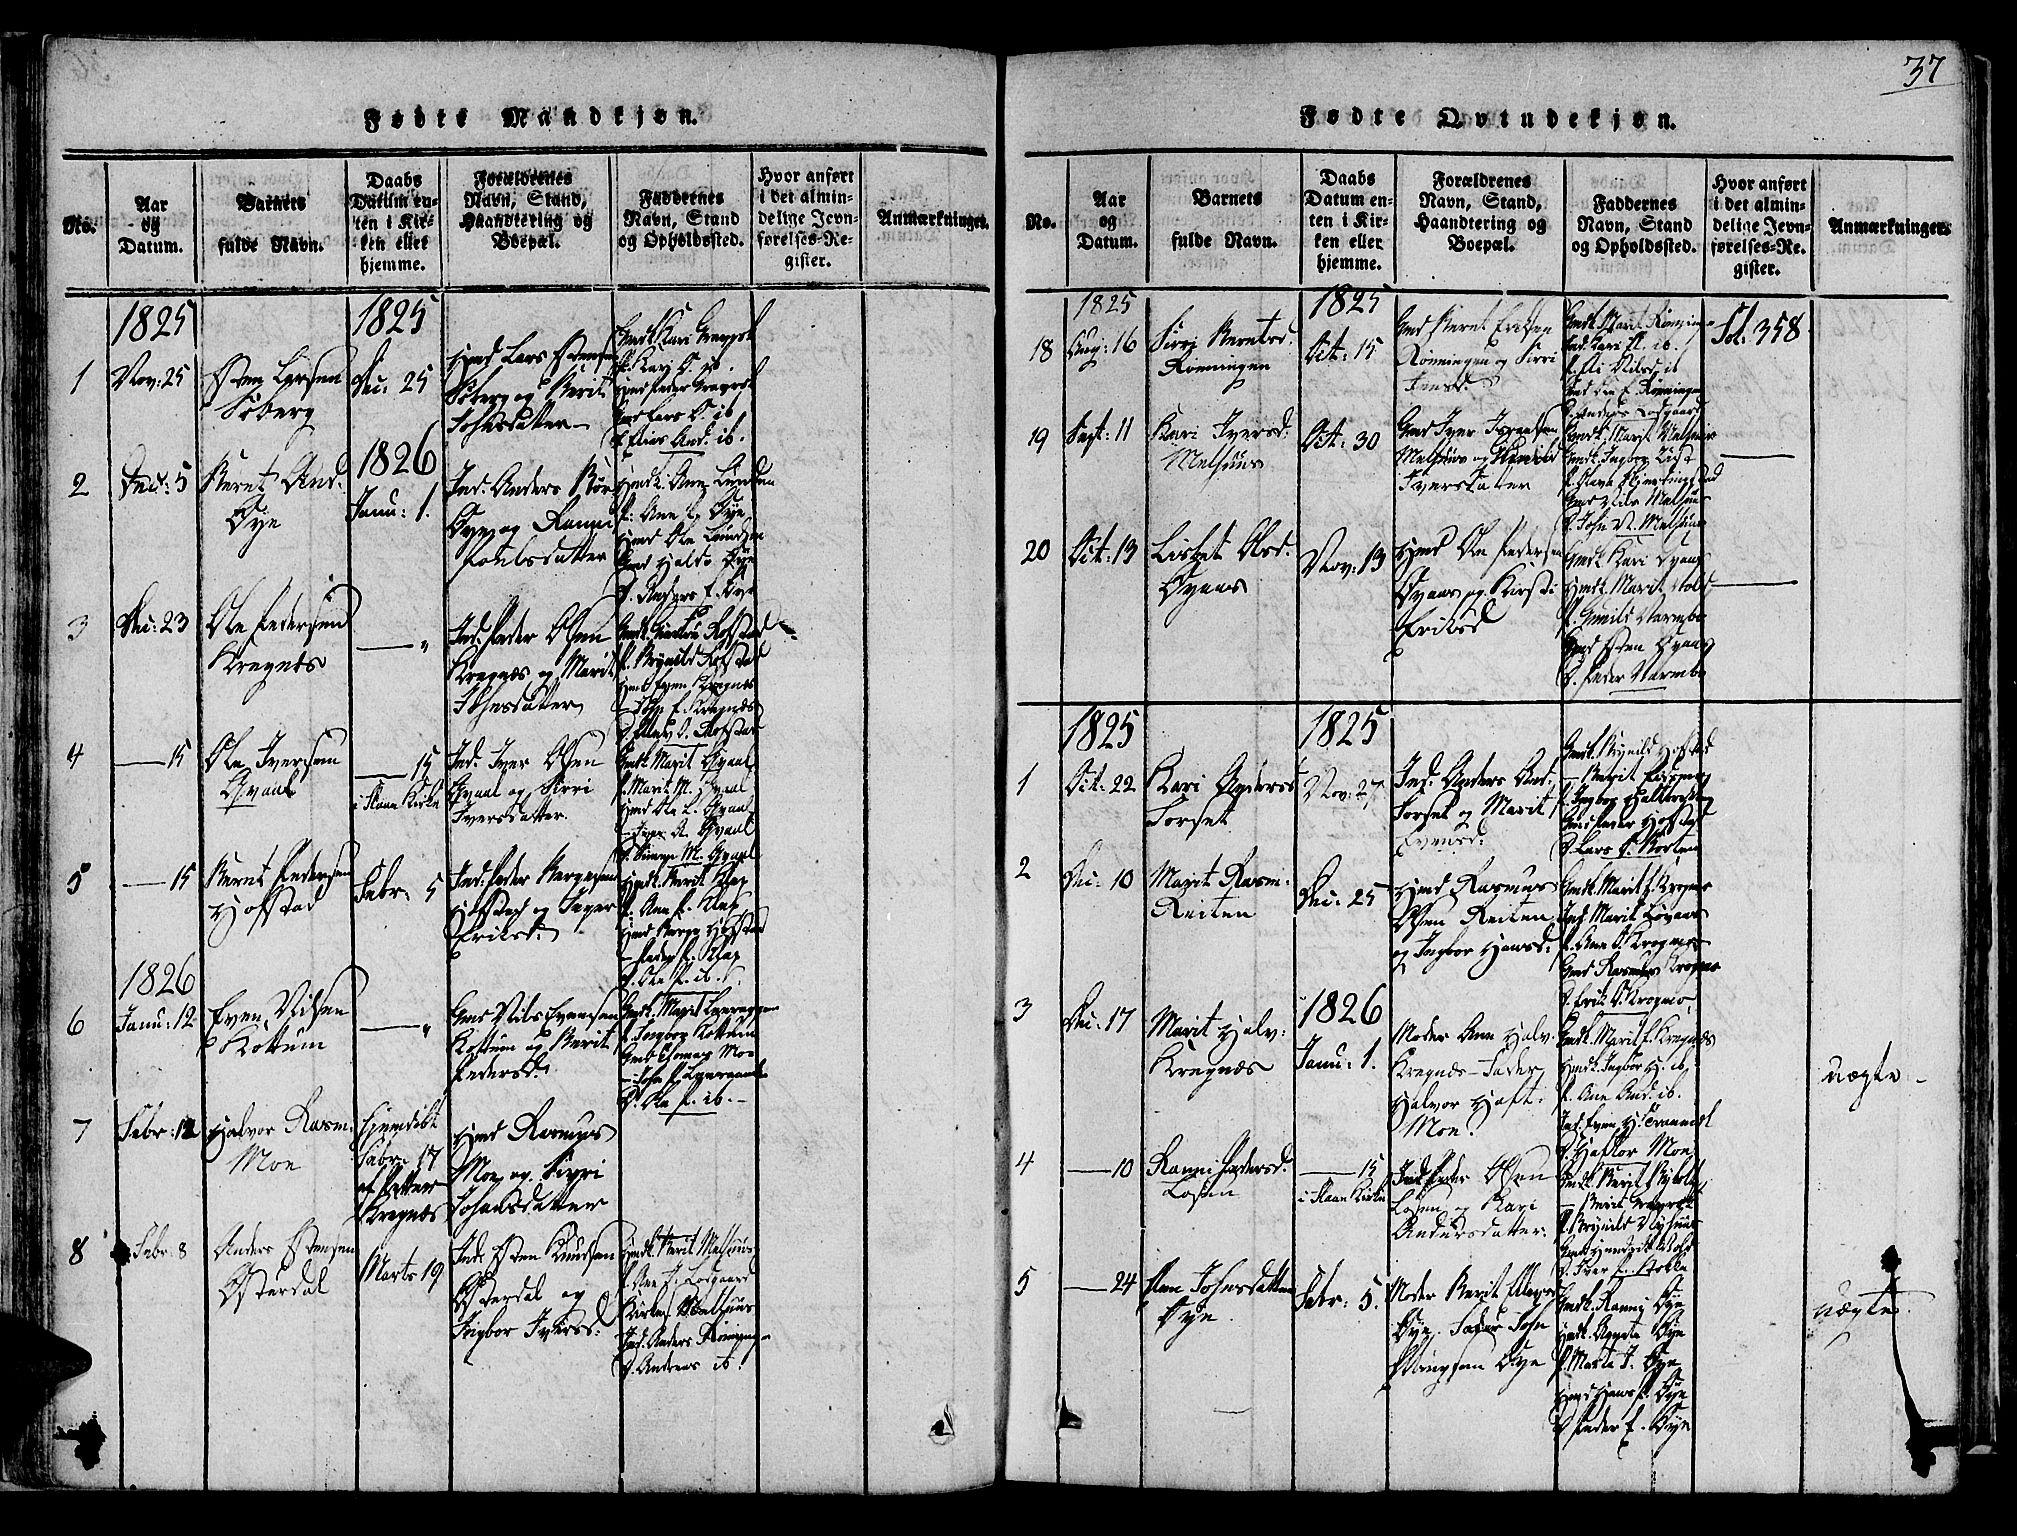 SAT, Ministerialprotokoller, klokkerbøker og fødselsregistre - Sør-Trøndelag, 691/L1065: Ministerialbok nr. 691A03 /1, 1816-1826, s. 37